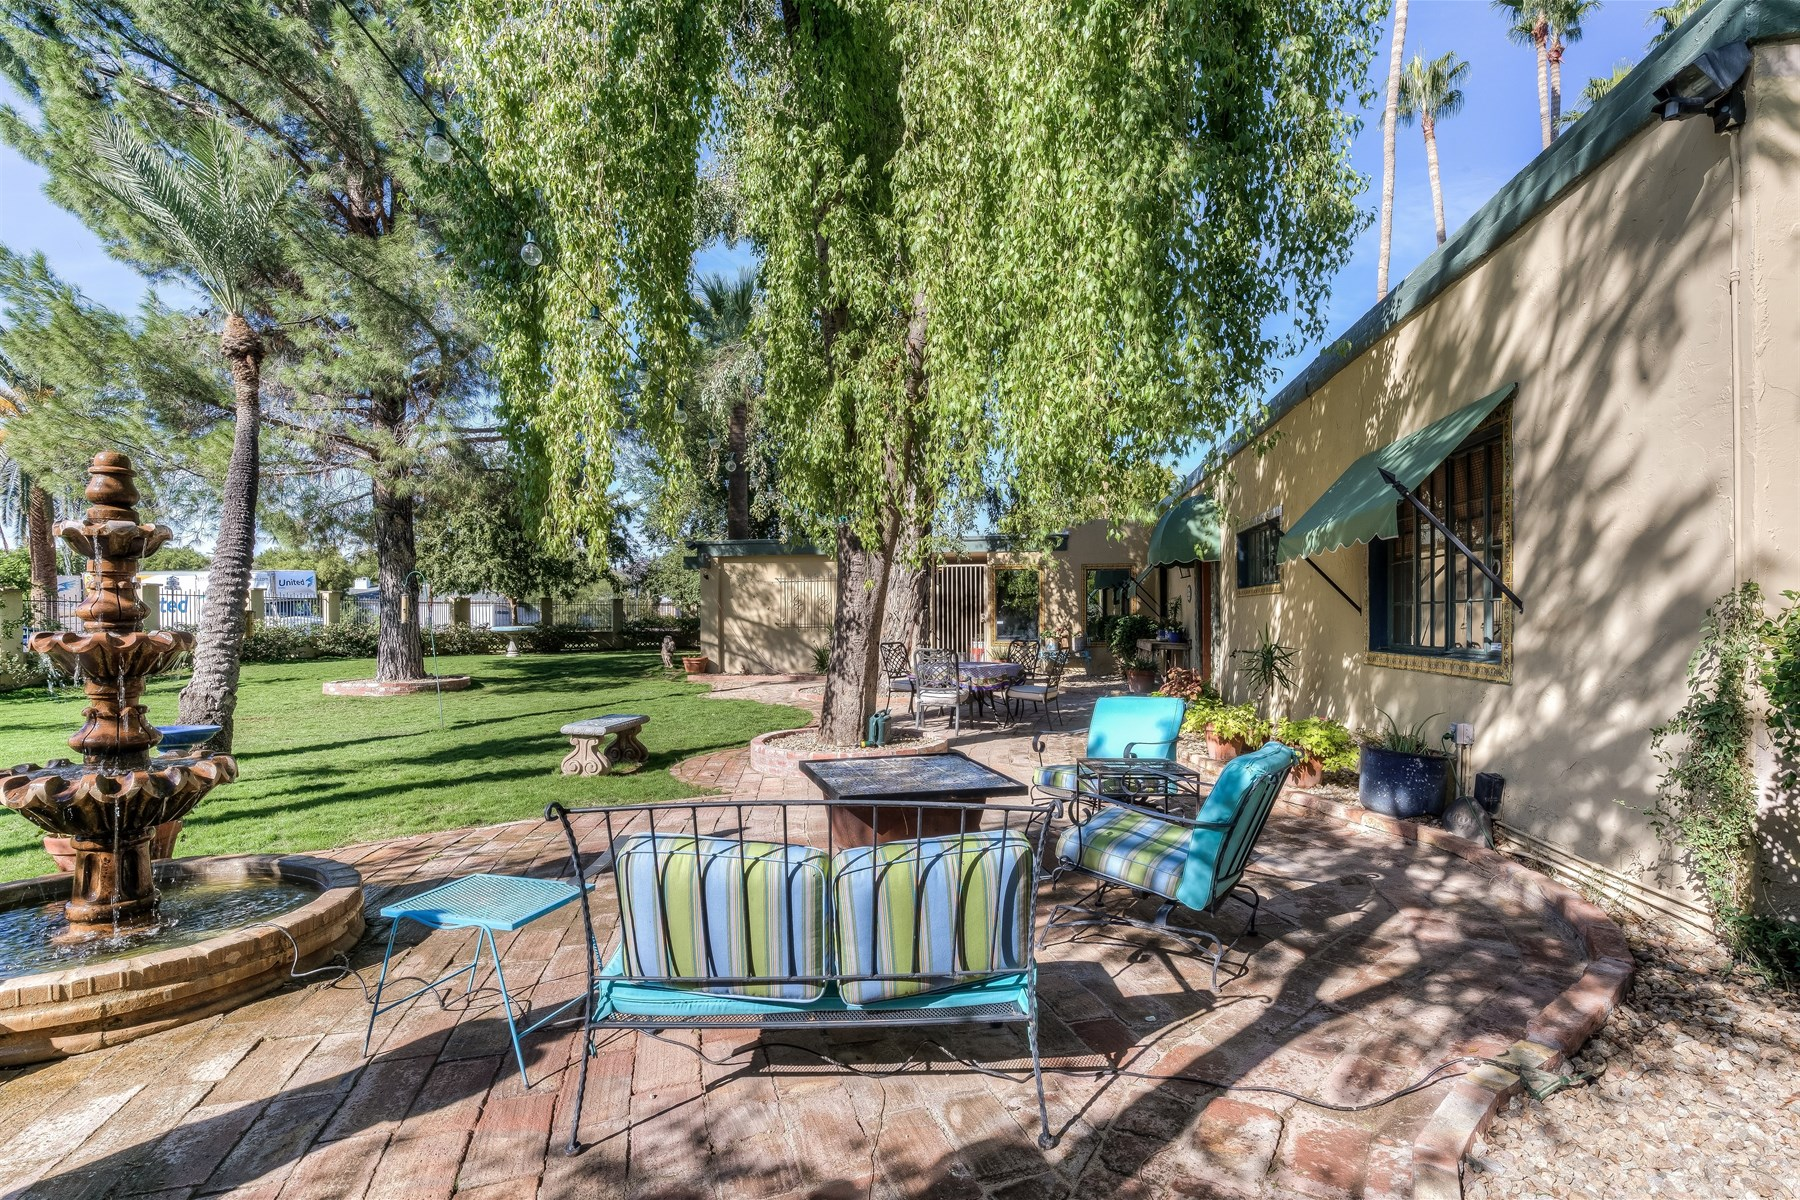 Maison unifamiliale pour l Vente à Robert Evans Adobe Estate 5309 N 34th St Phoenix, Arizona 85018 États-Unis